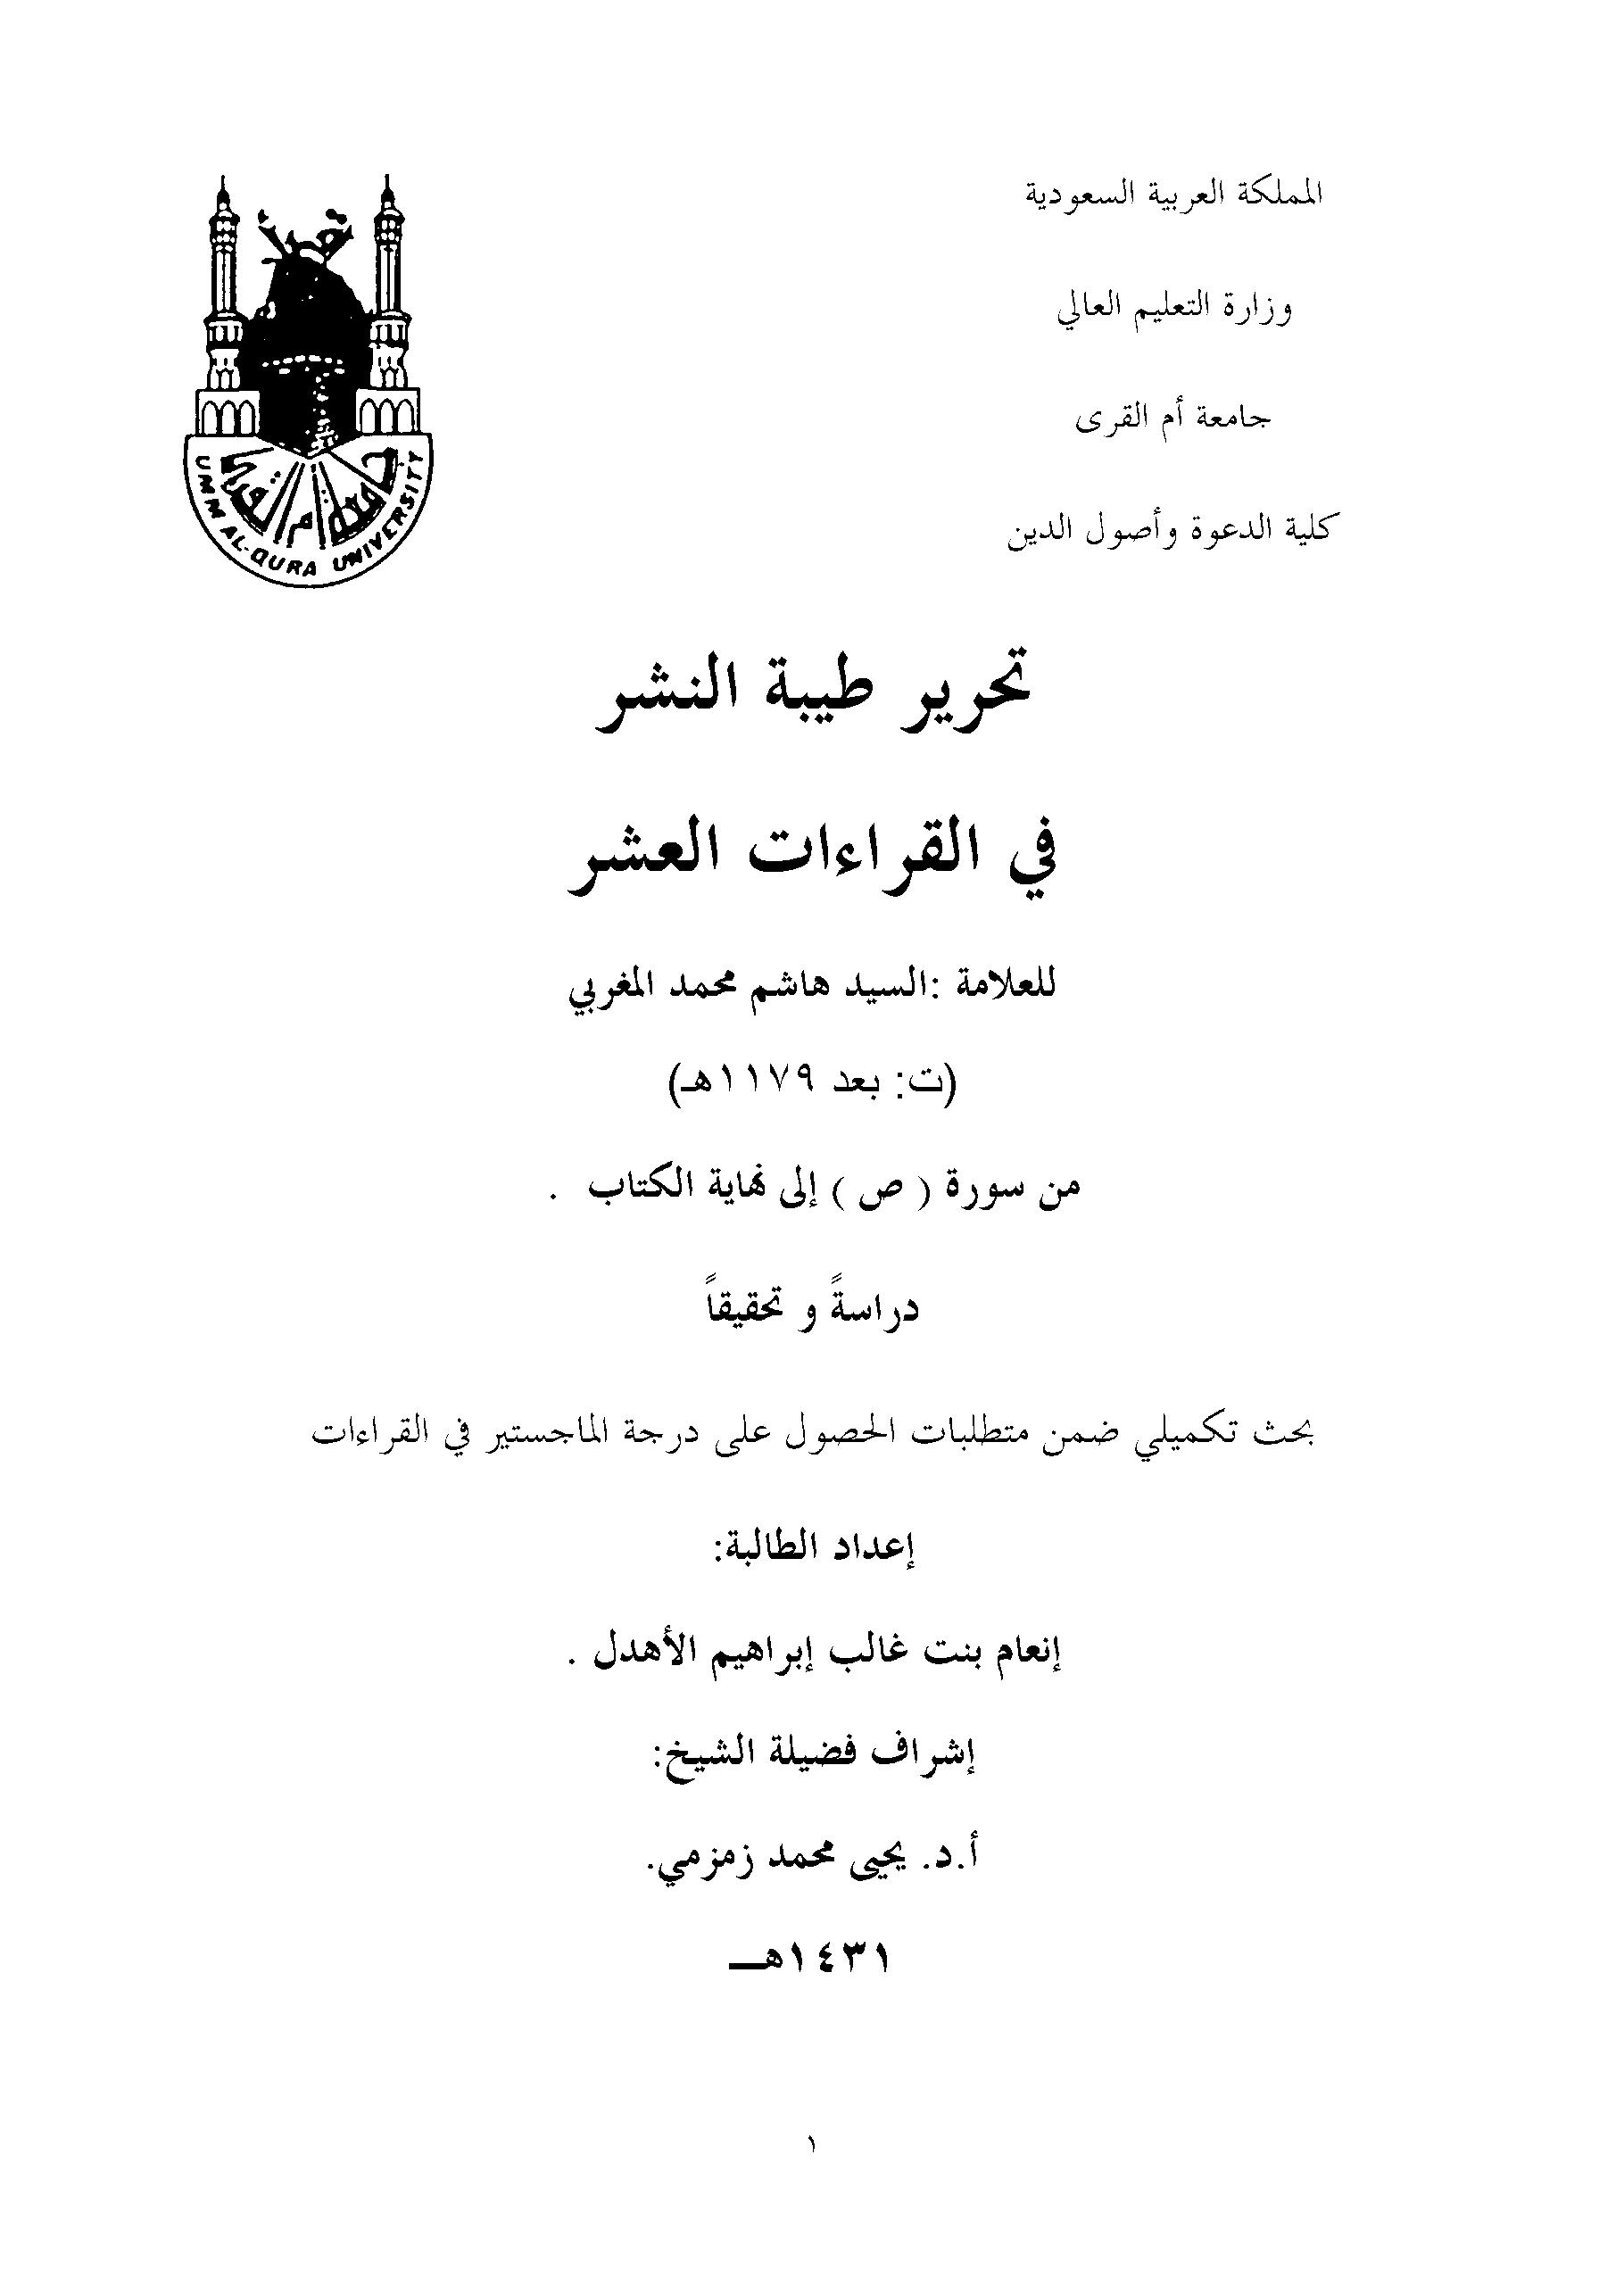 تحميل كتاب تحرير طيبة النشر في القراءات العشر (من سورة ص إلى نهاية الكتاب) دراسةً وتحقيقًا لـِ: الإمام هاشم بن محمد المغربي الأزميري، الشهير بالسيد هاشم (ت بعد 1179)